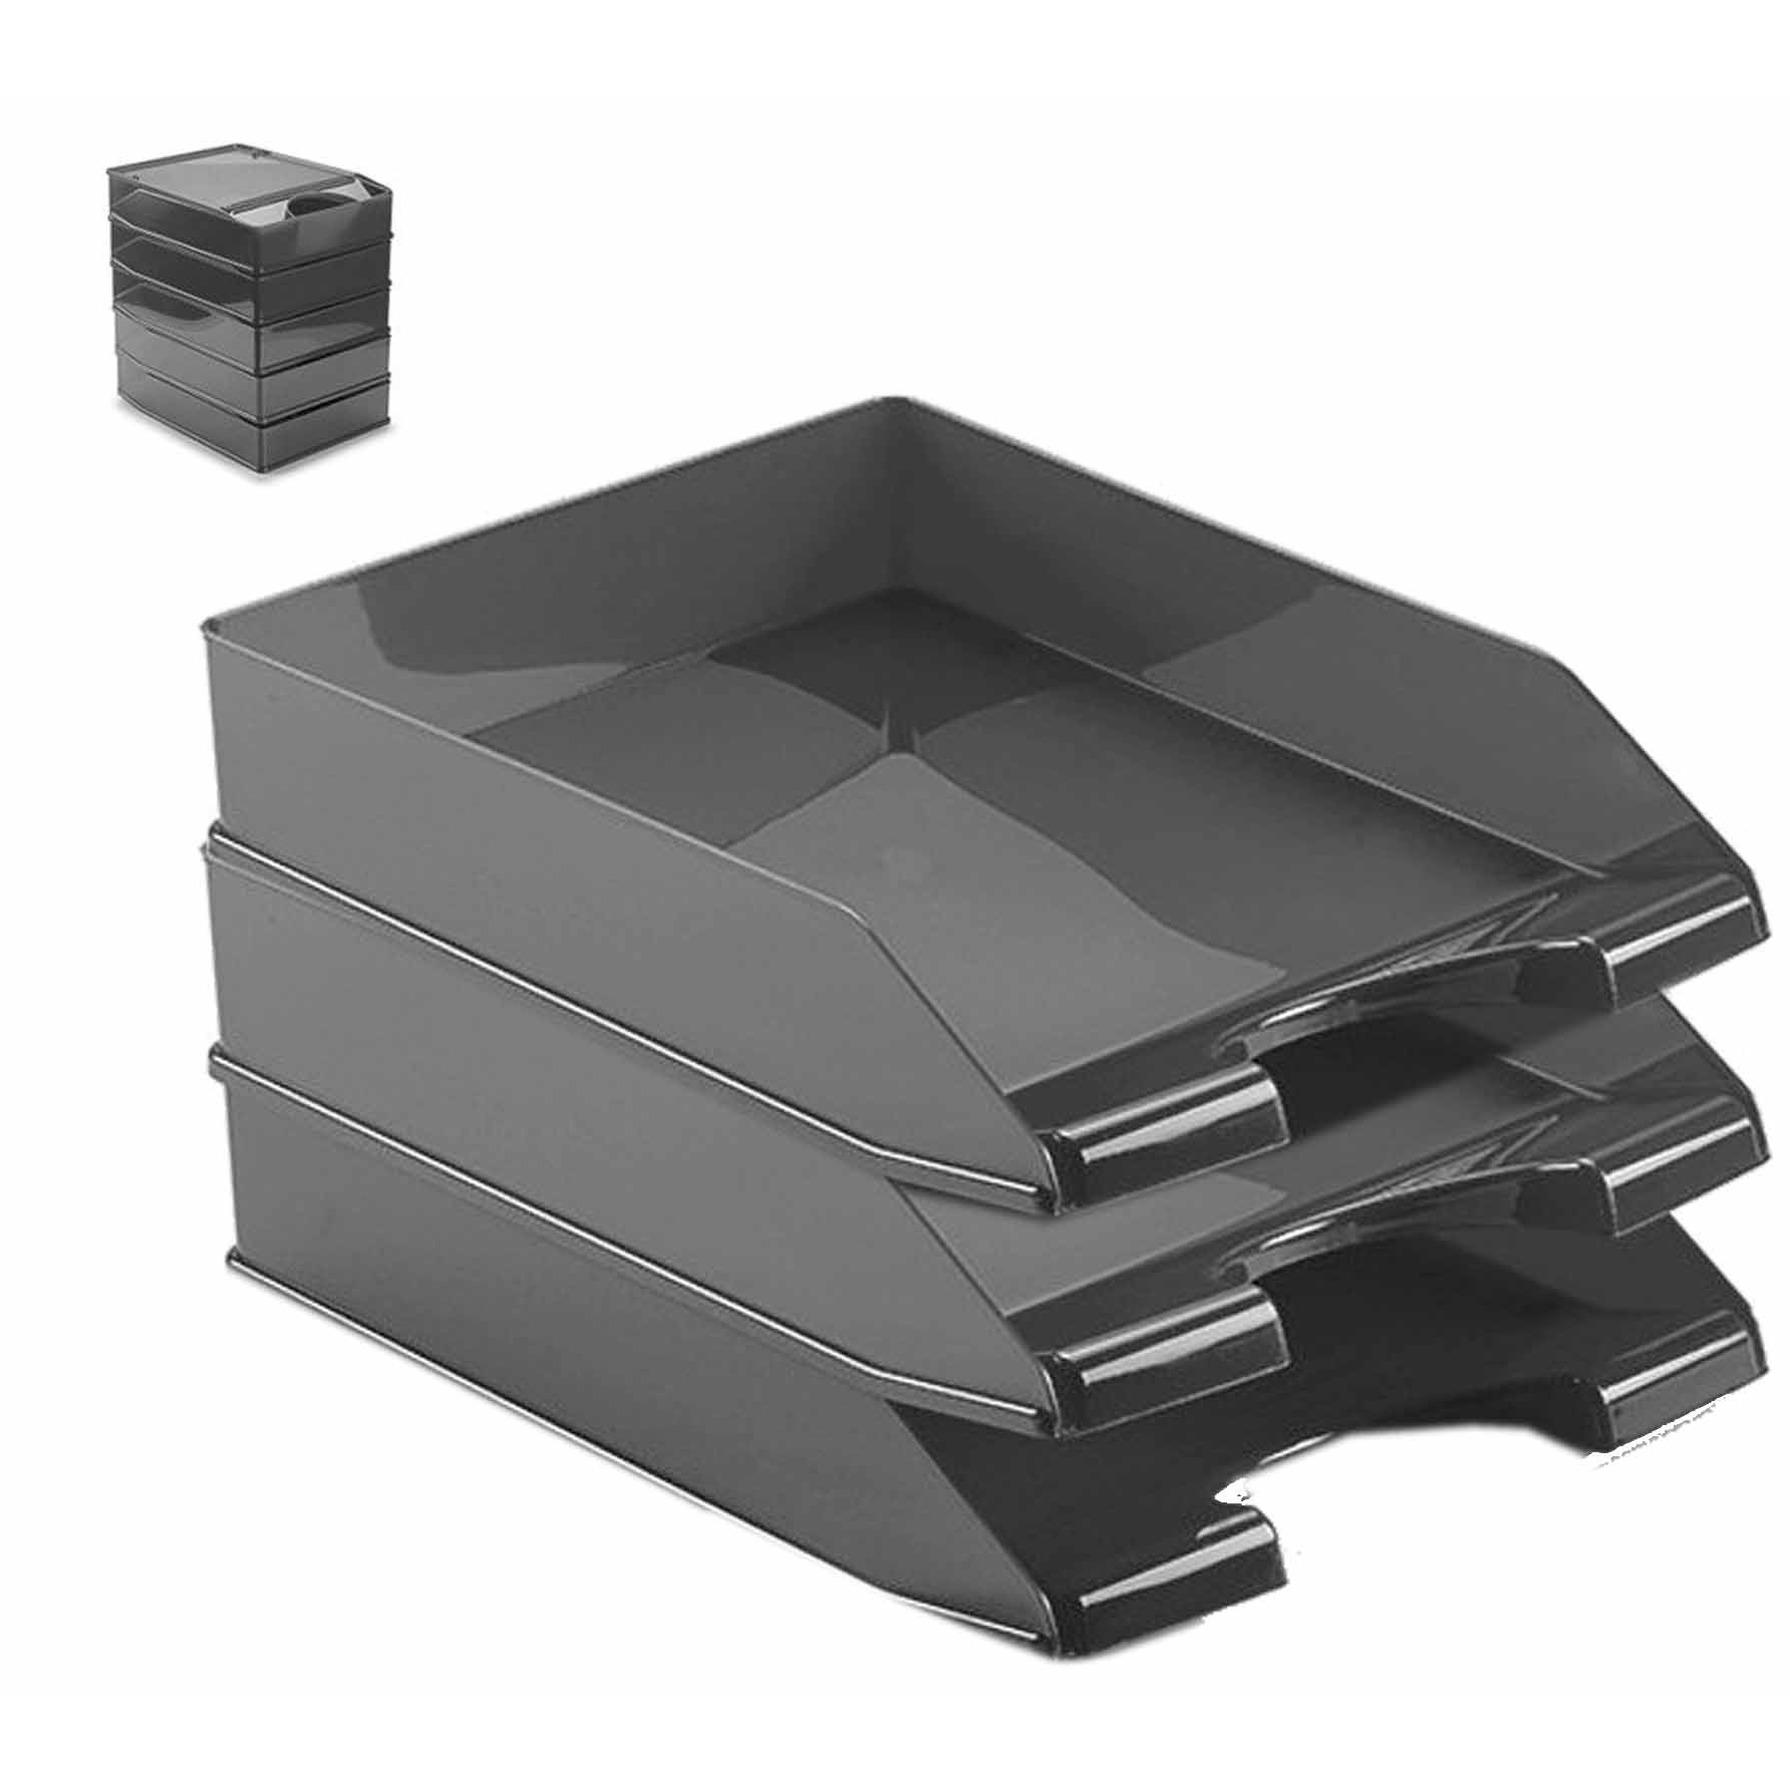 Pakket van 10x stuks postbakjejes zwart a4 formaat